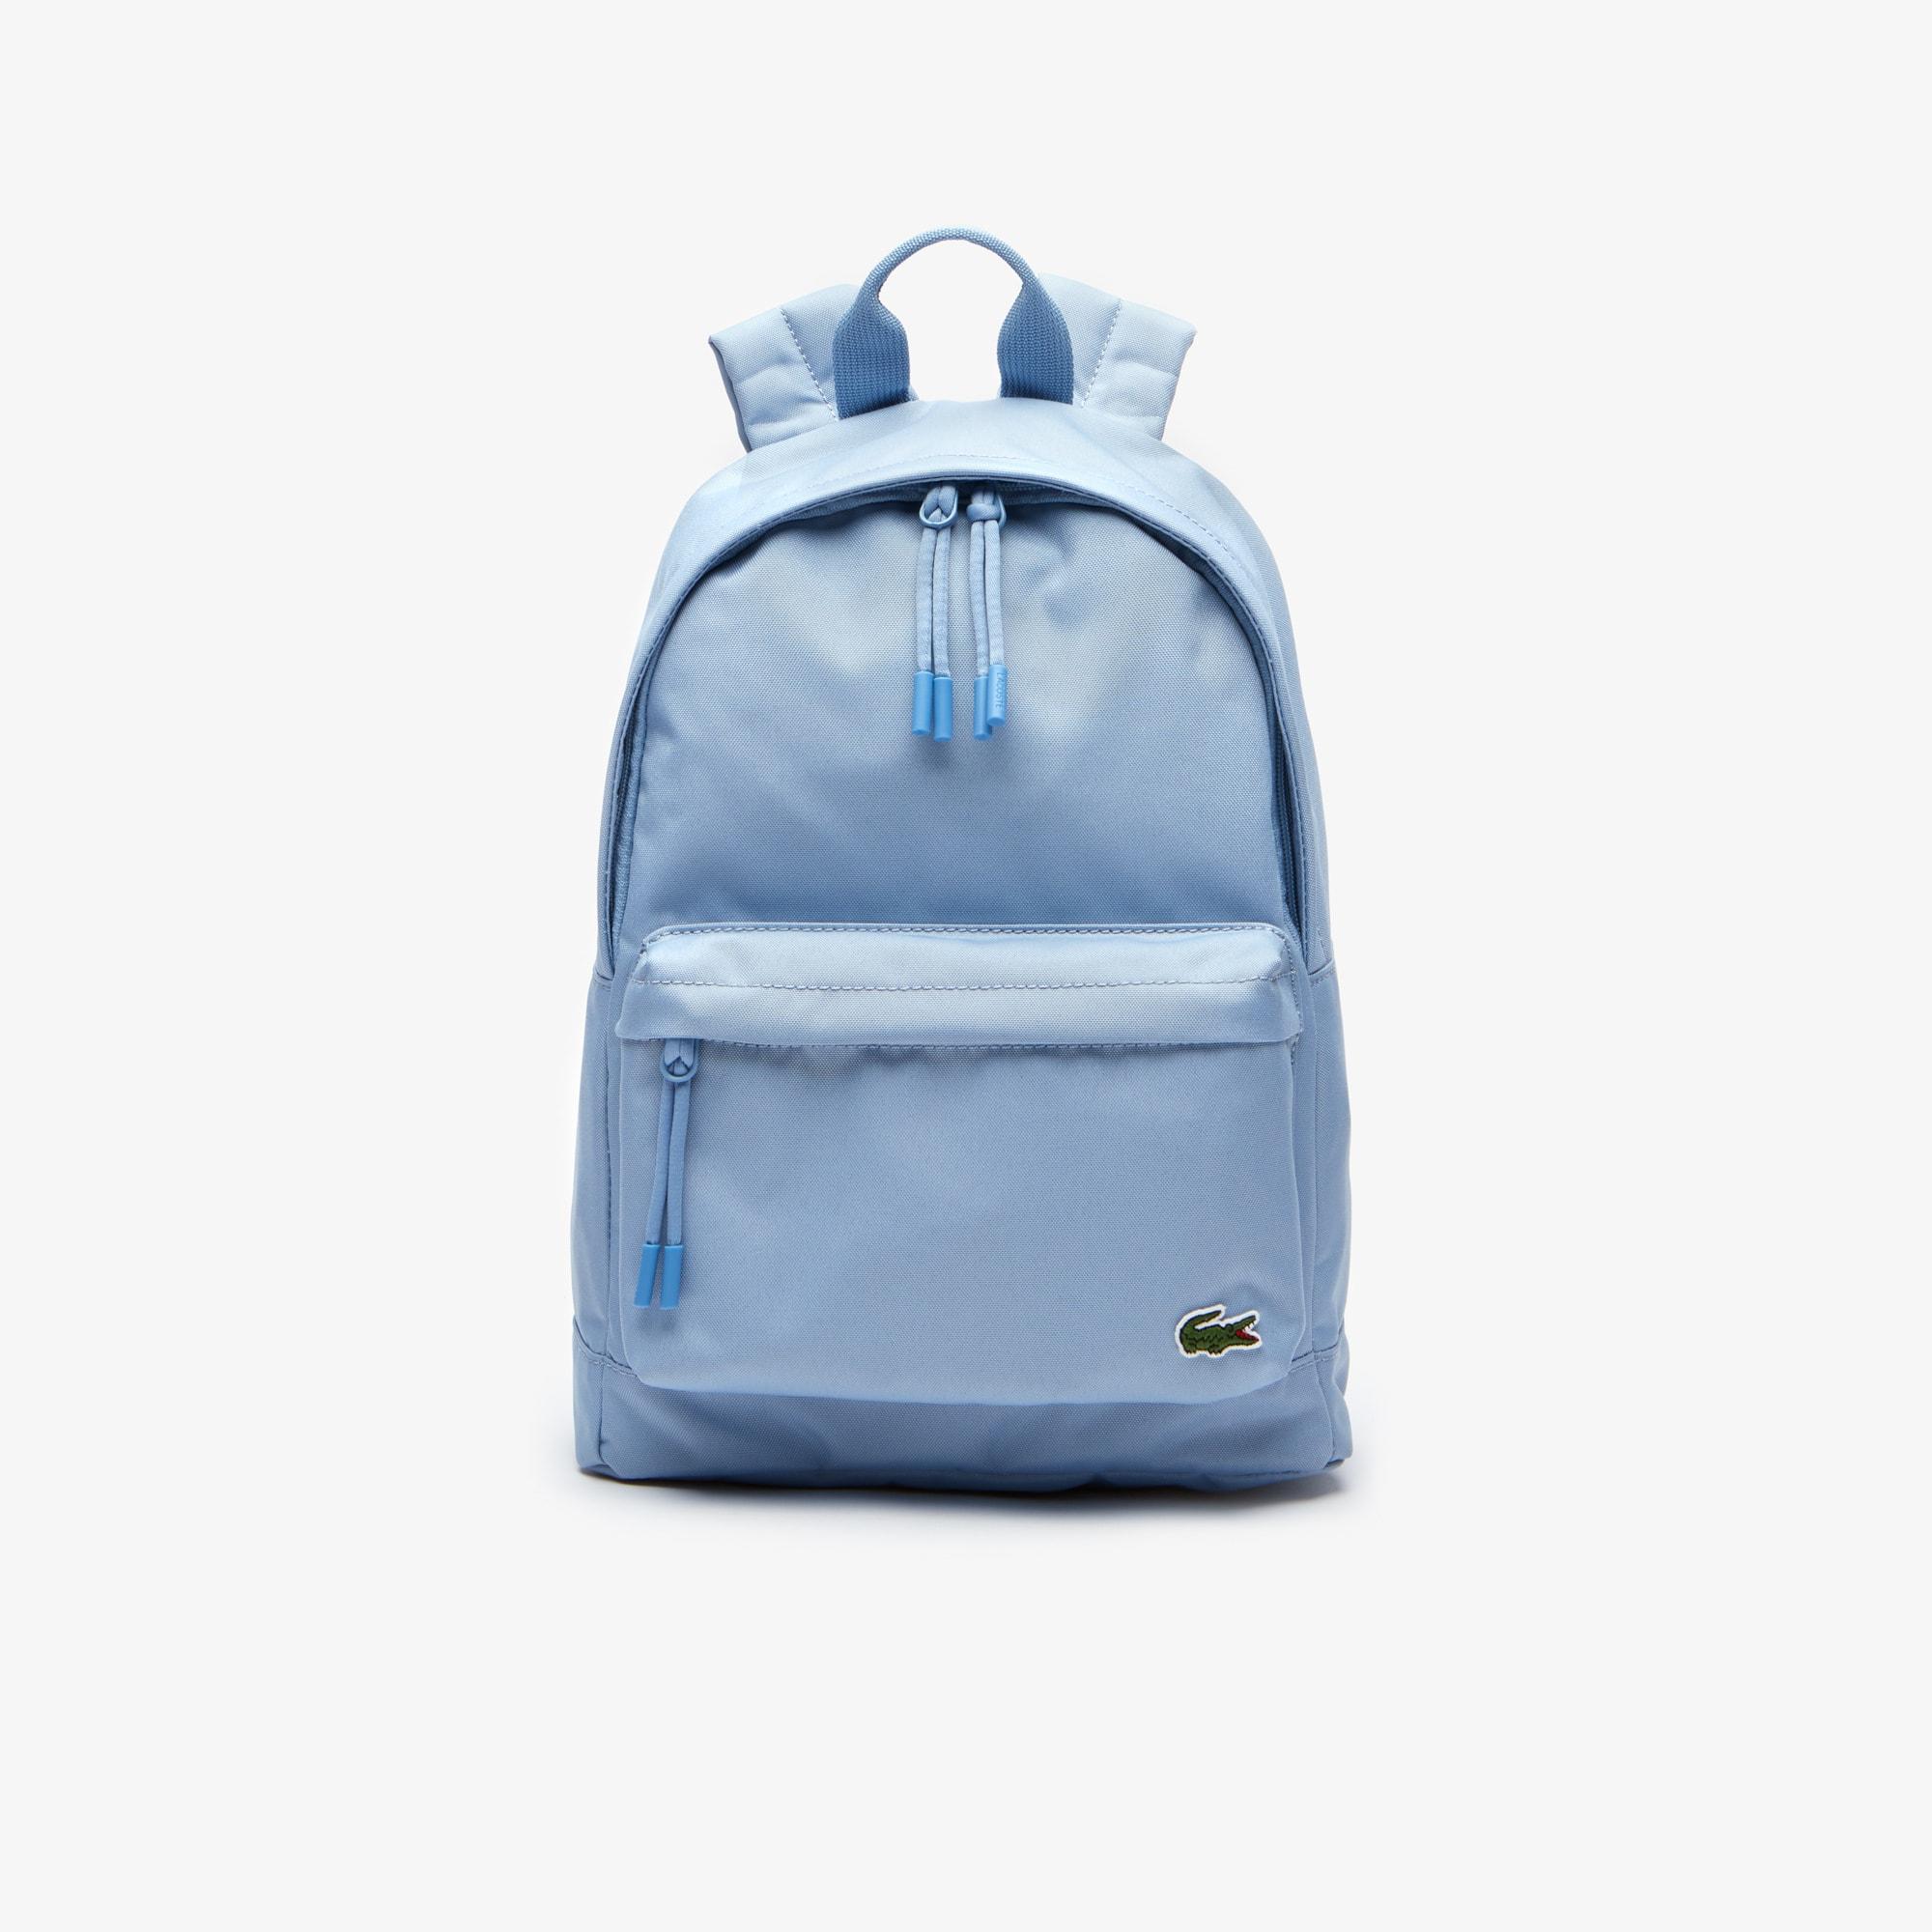 6c0056de2356 Men's Bags | Accessories | Lacoste